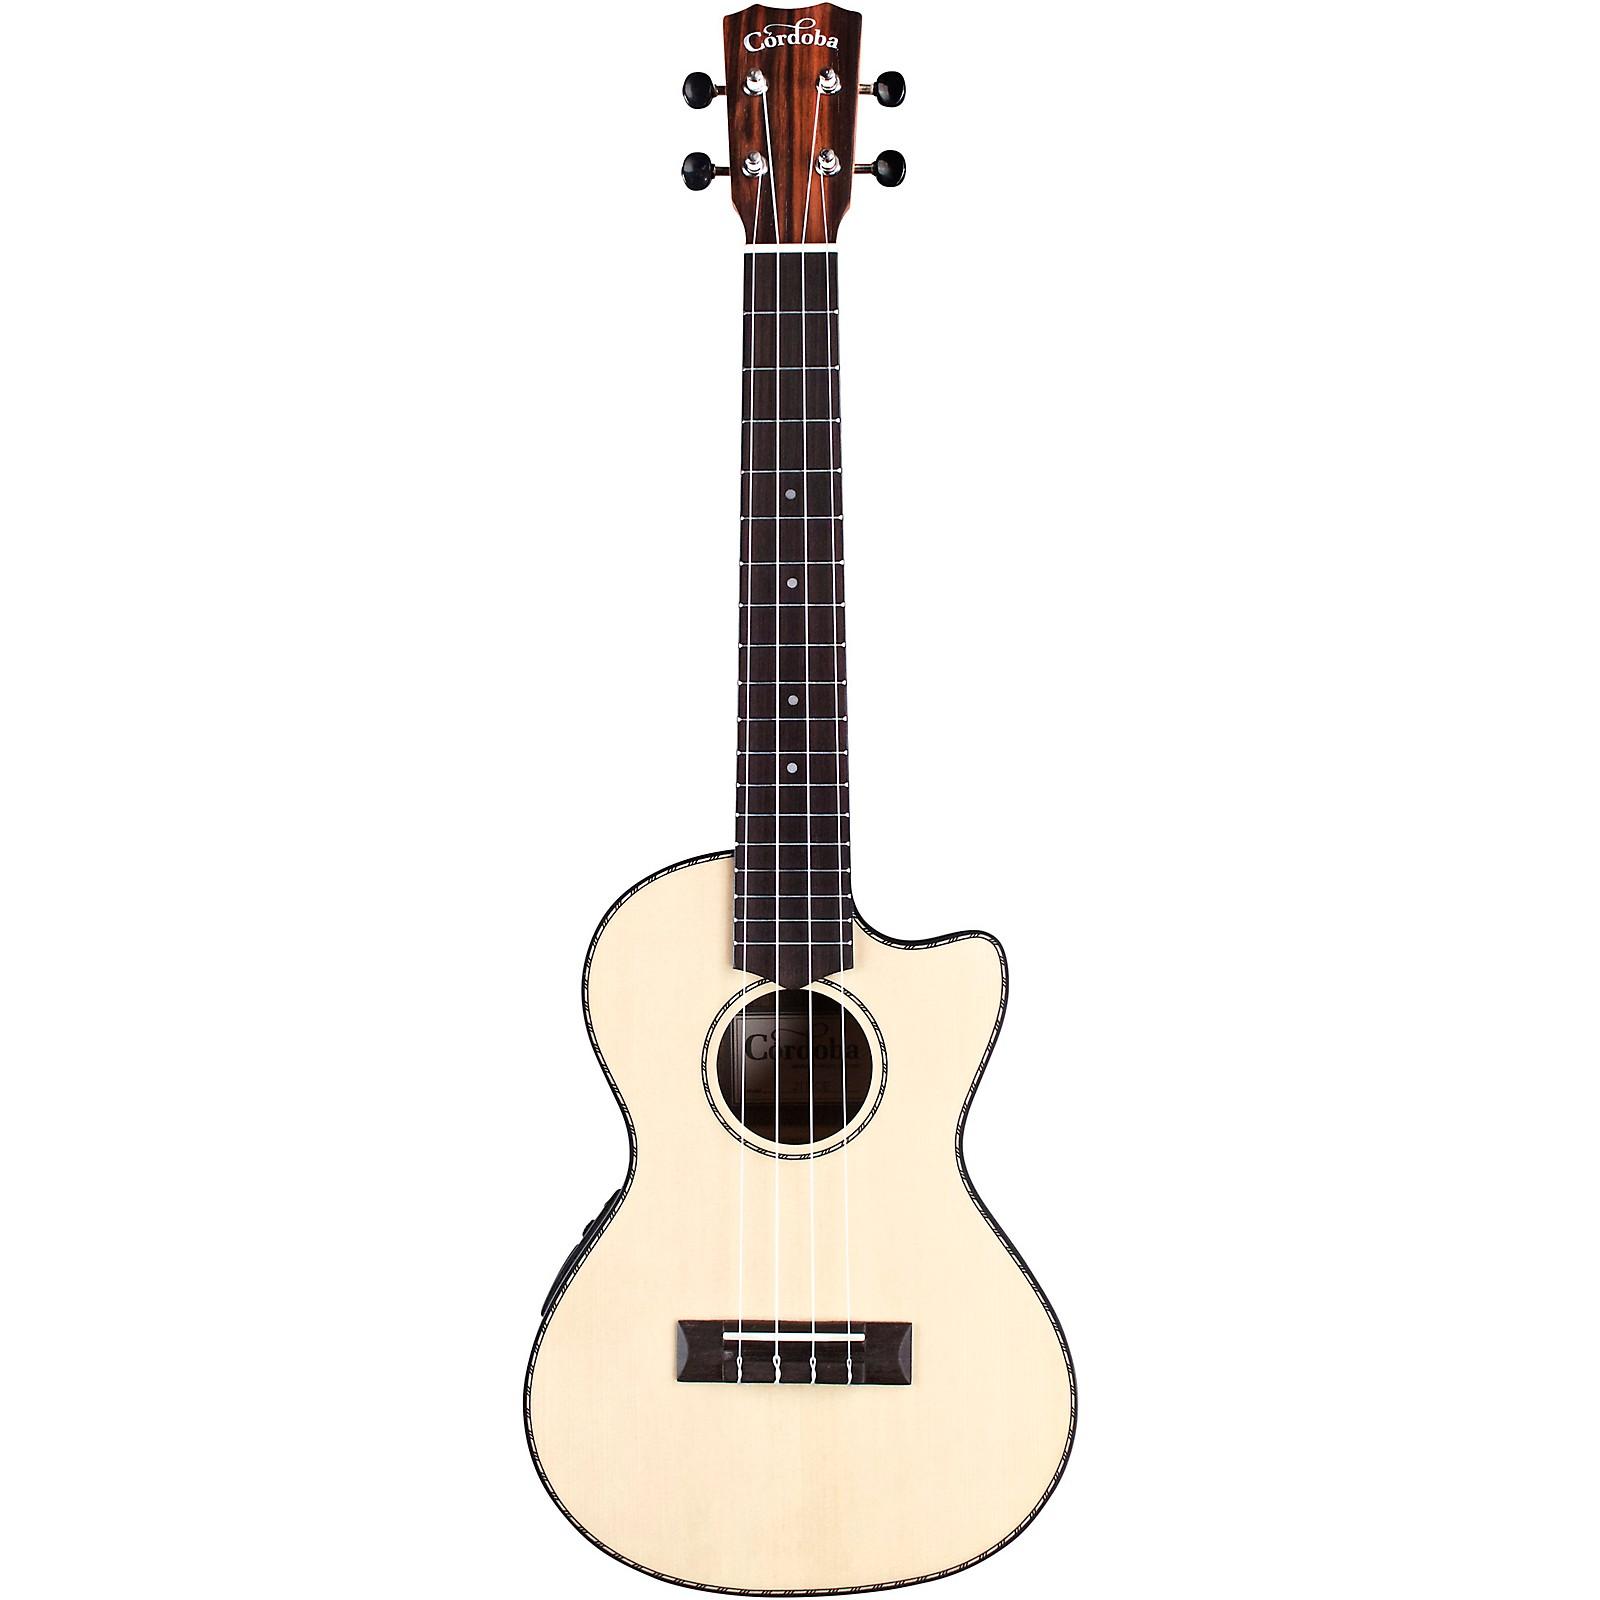 Cordoba 21T-CE Tenor Acoustic-Electric Ukulele